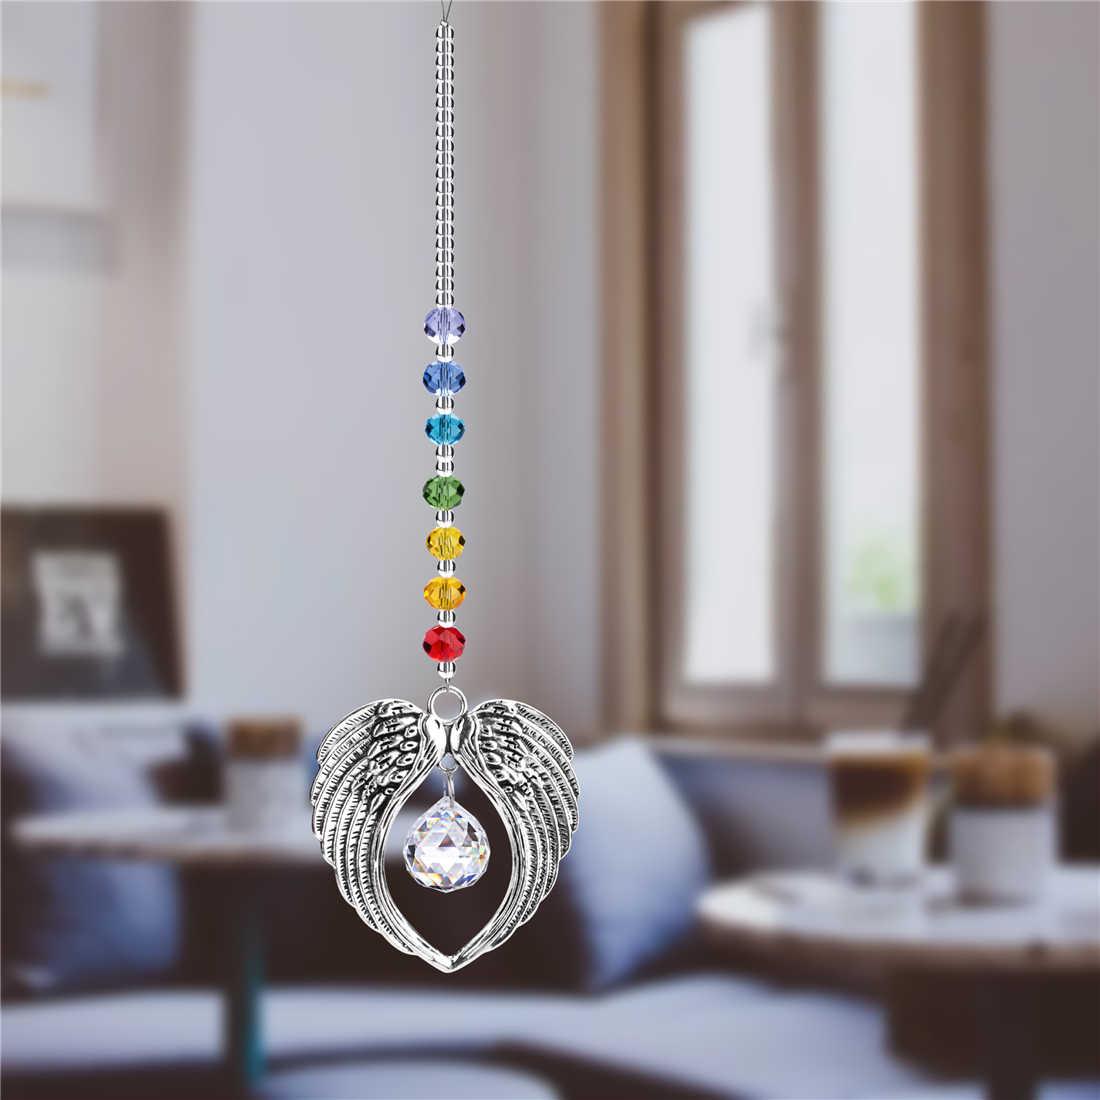 H & D Crystal Malaikat Sayap Liontin dengan Bola Kristal Rainbow Pembuat Hiasan Suncatcher untuk Jendela Dekorasi Taman Rumah Hadiah